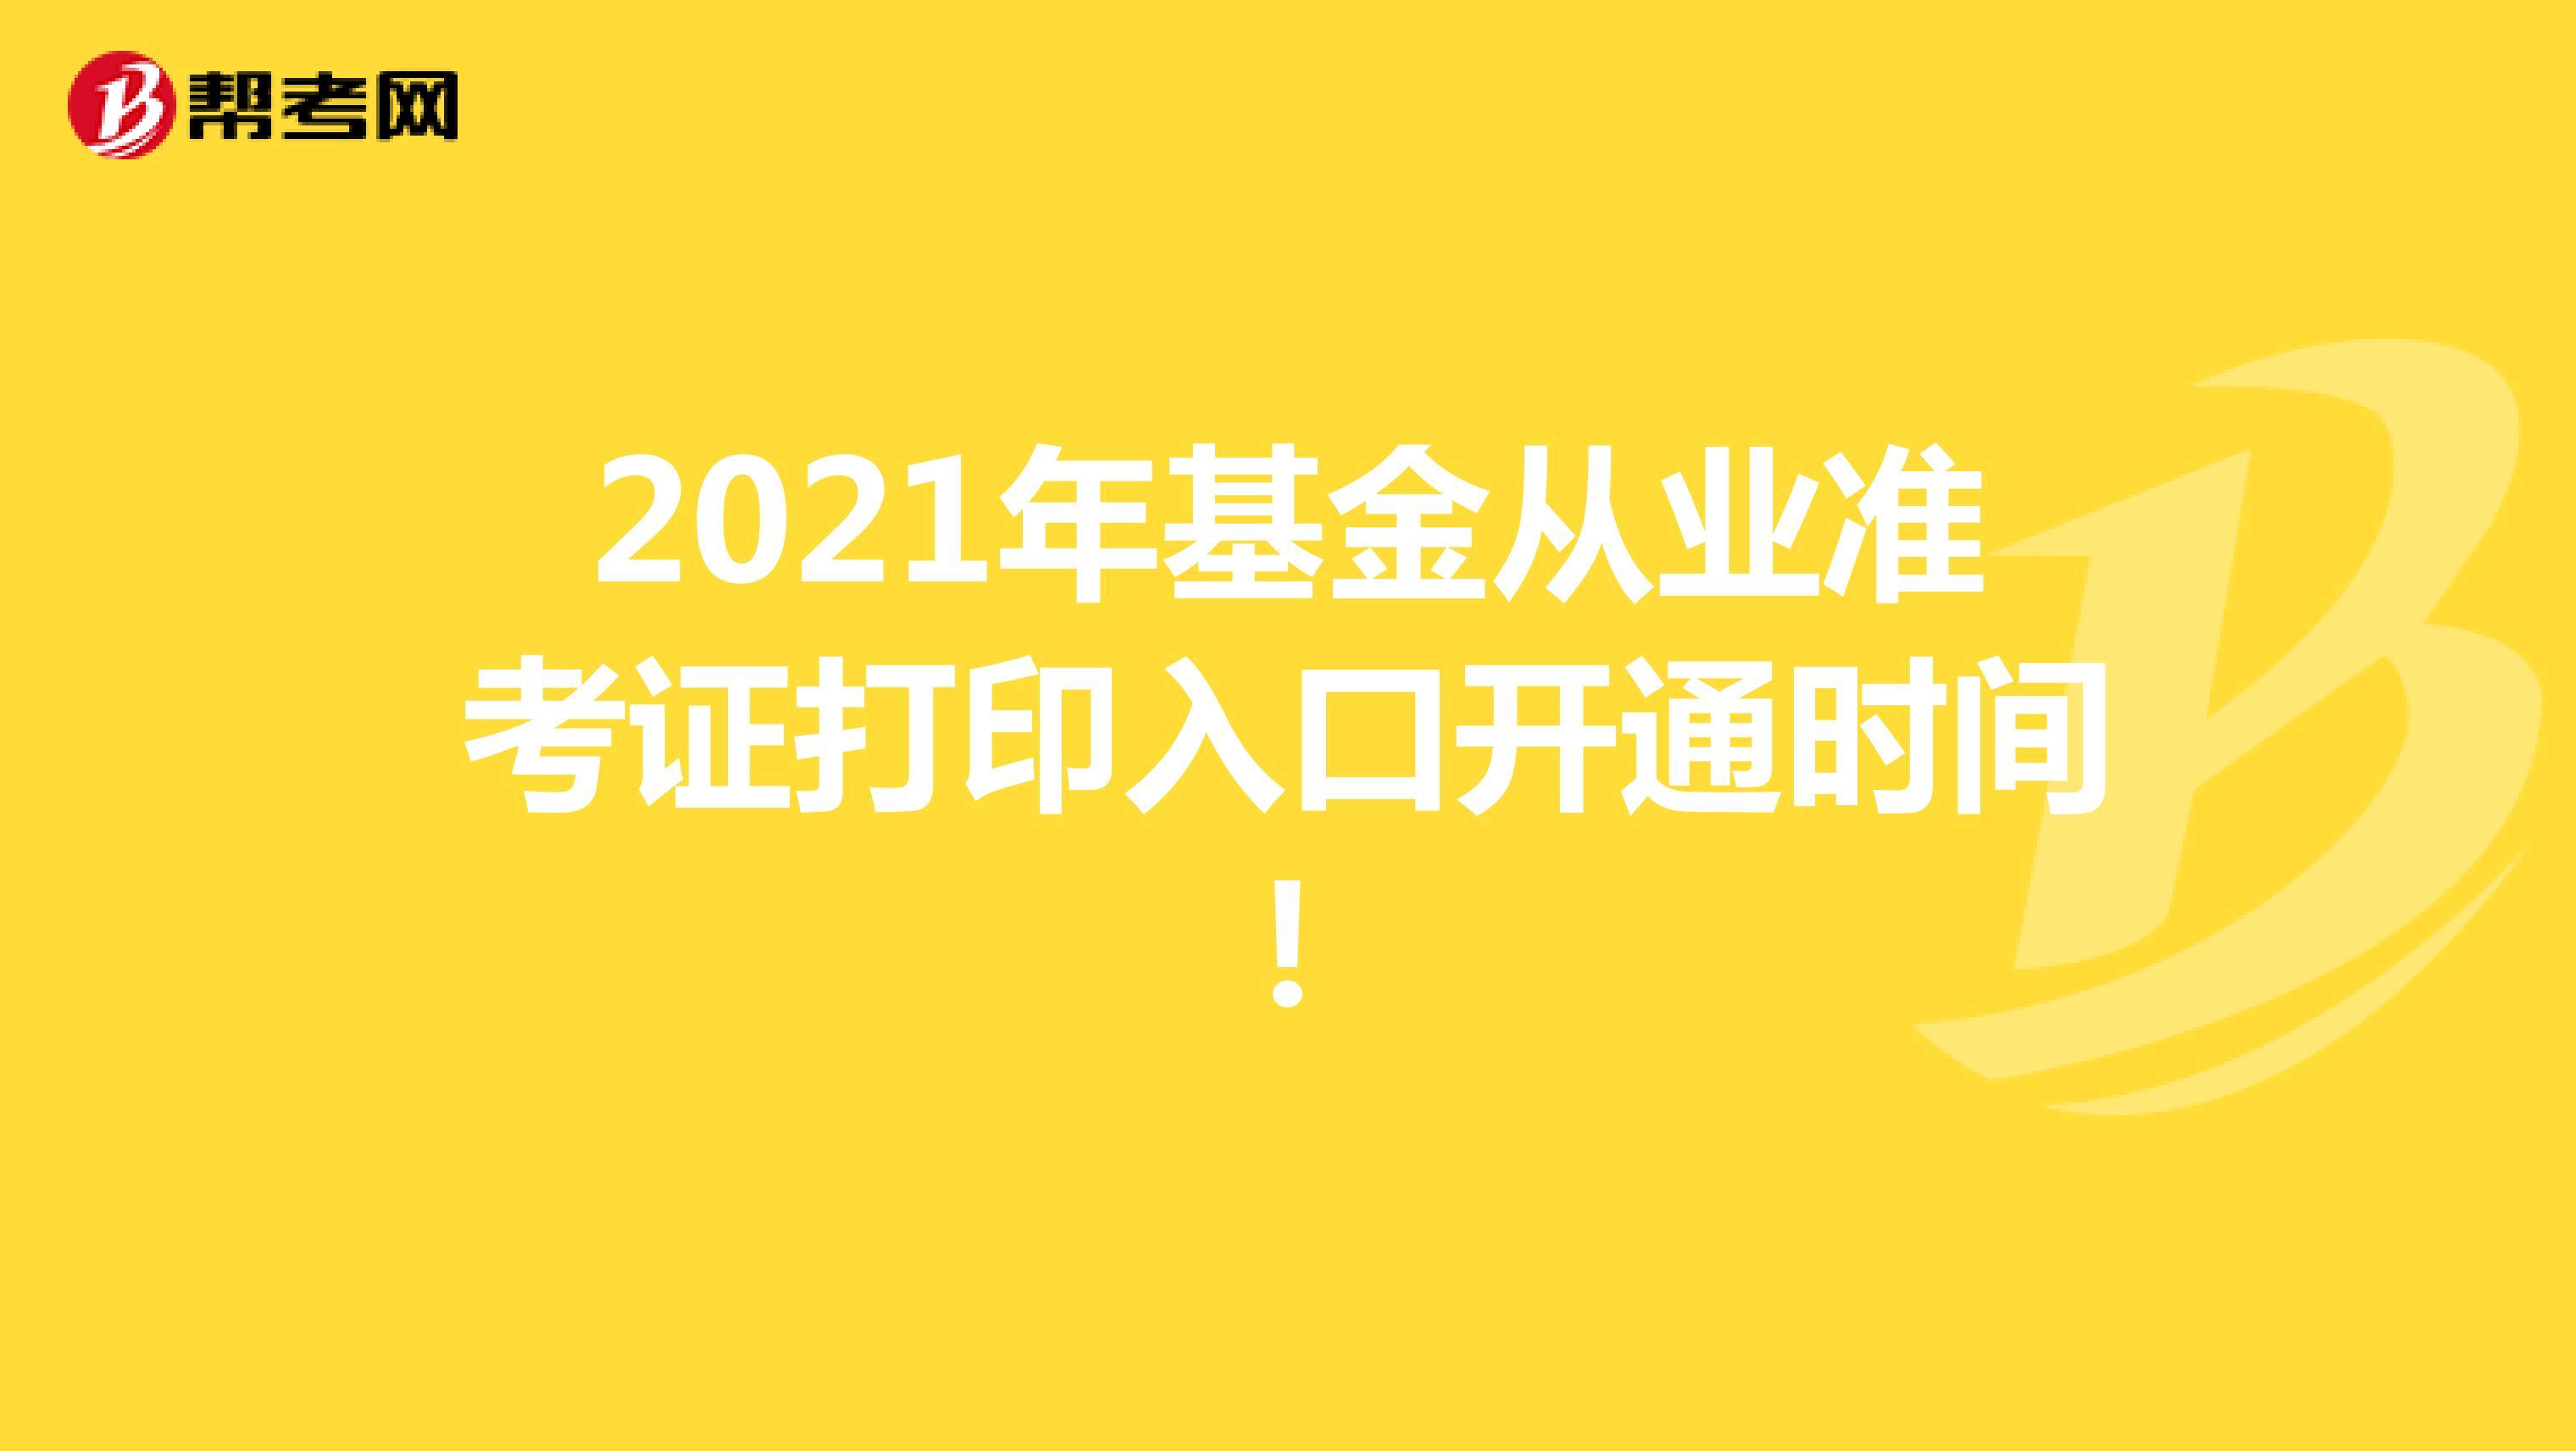 来看看!2021年基金从业准考证打印入口